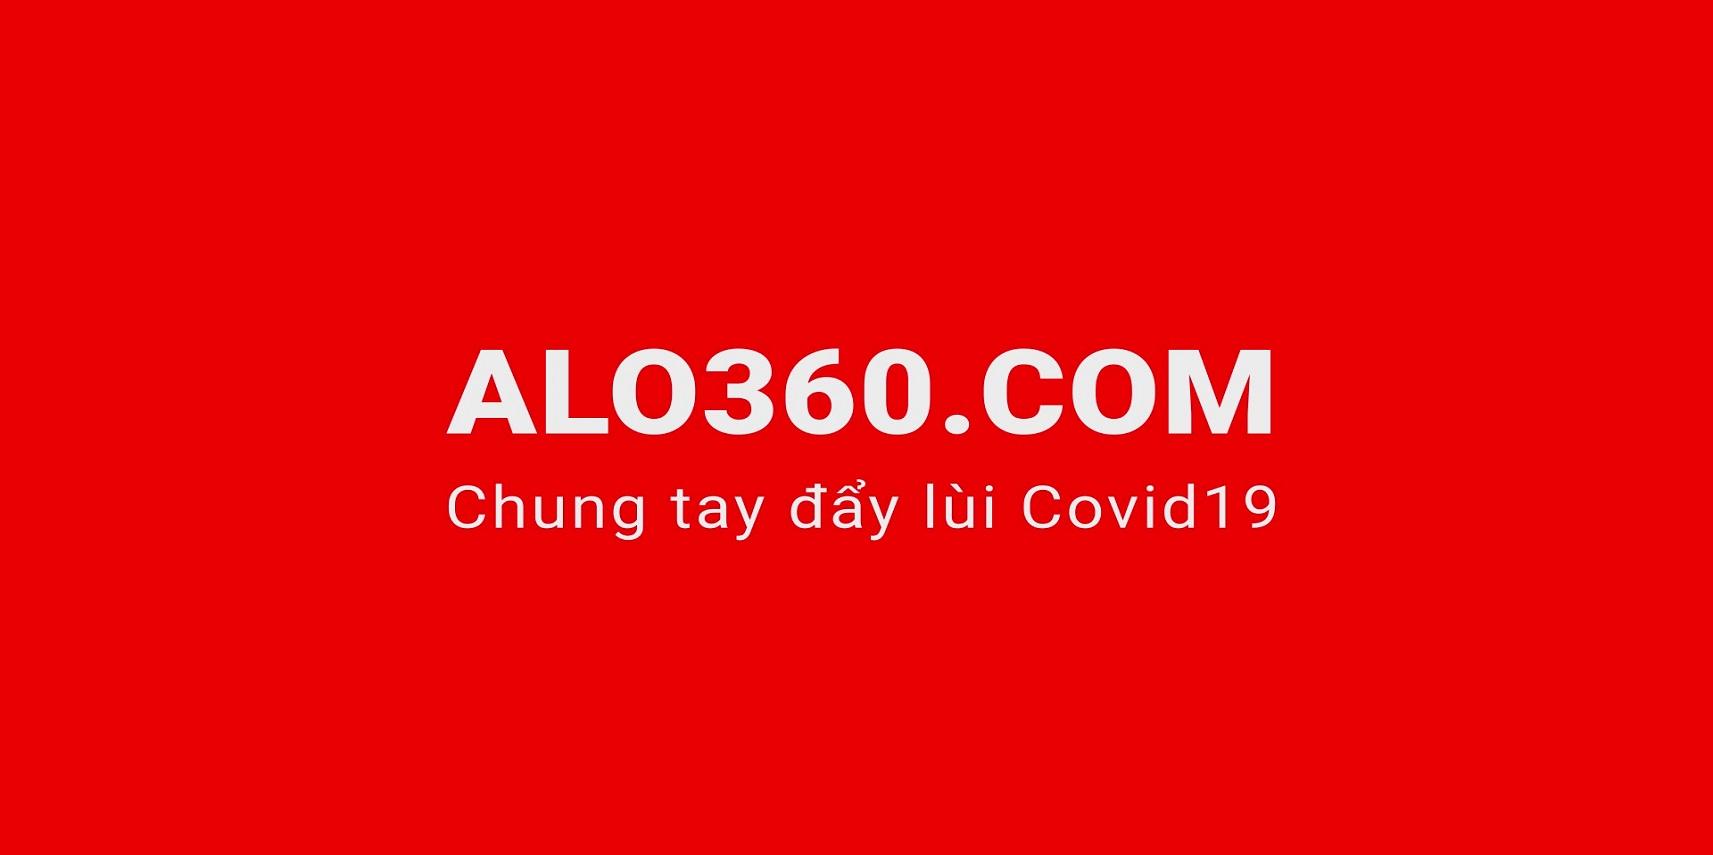 ALO360.COM chung tay đẩy lùi Covid-19